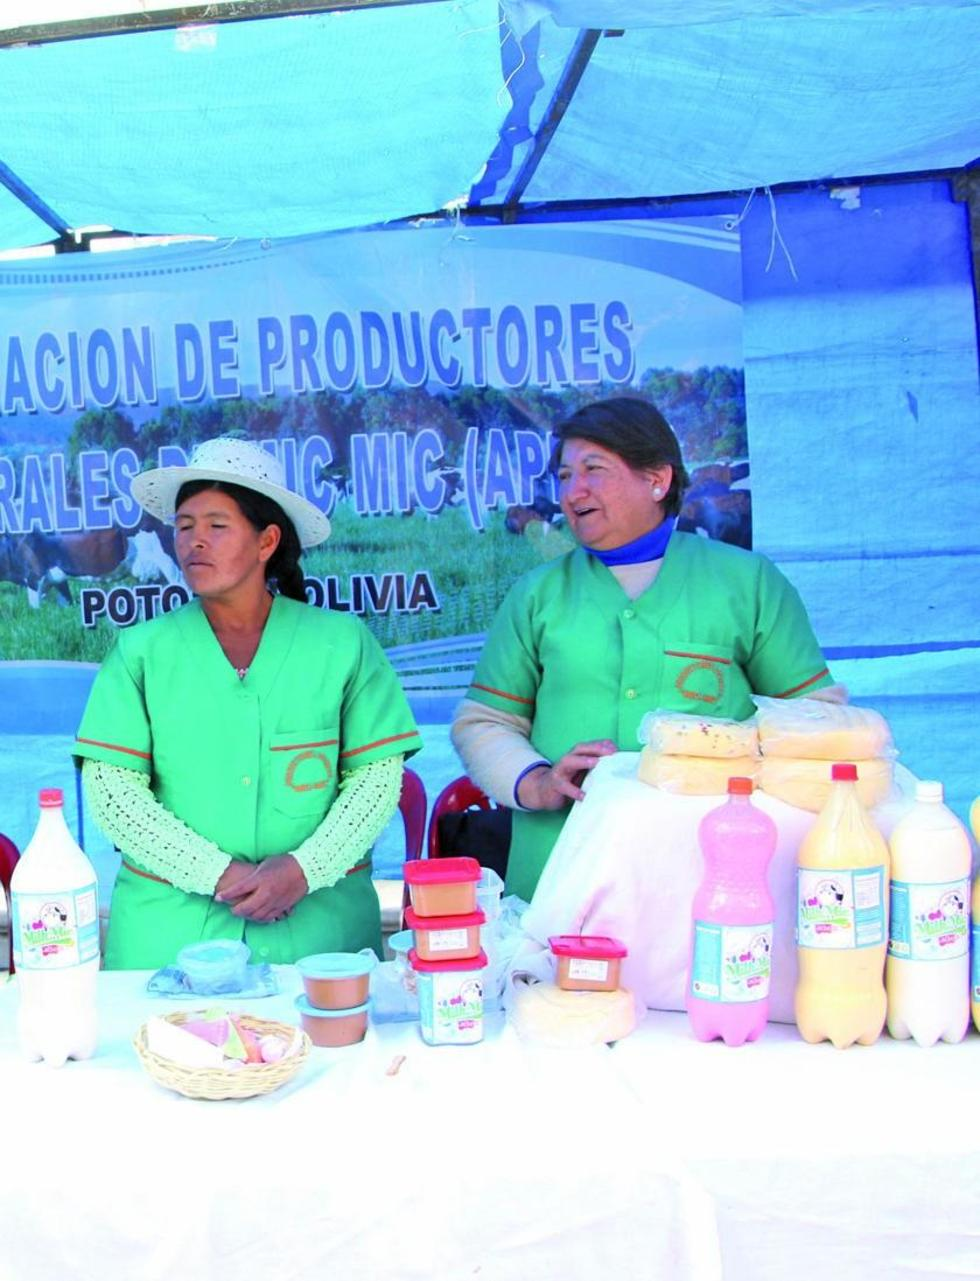 Los productos lacteos de la feria.